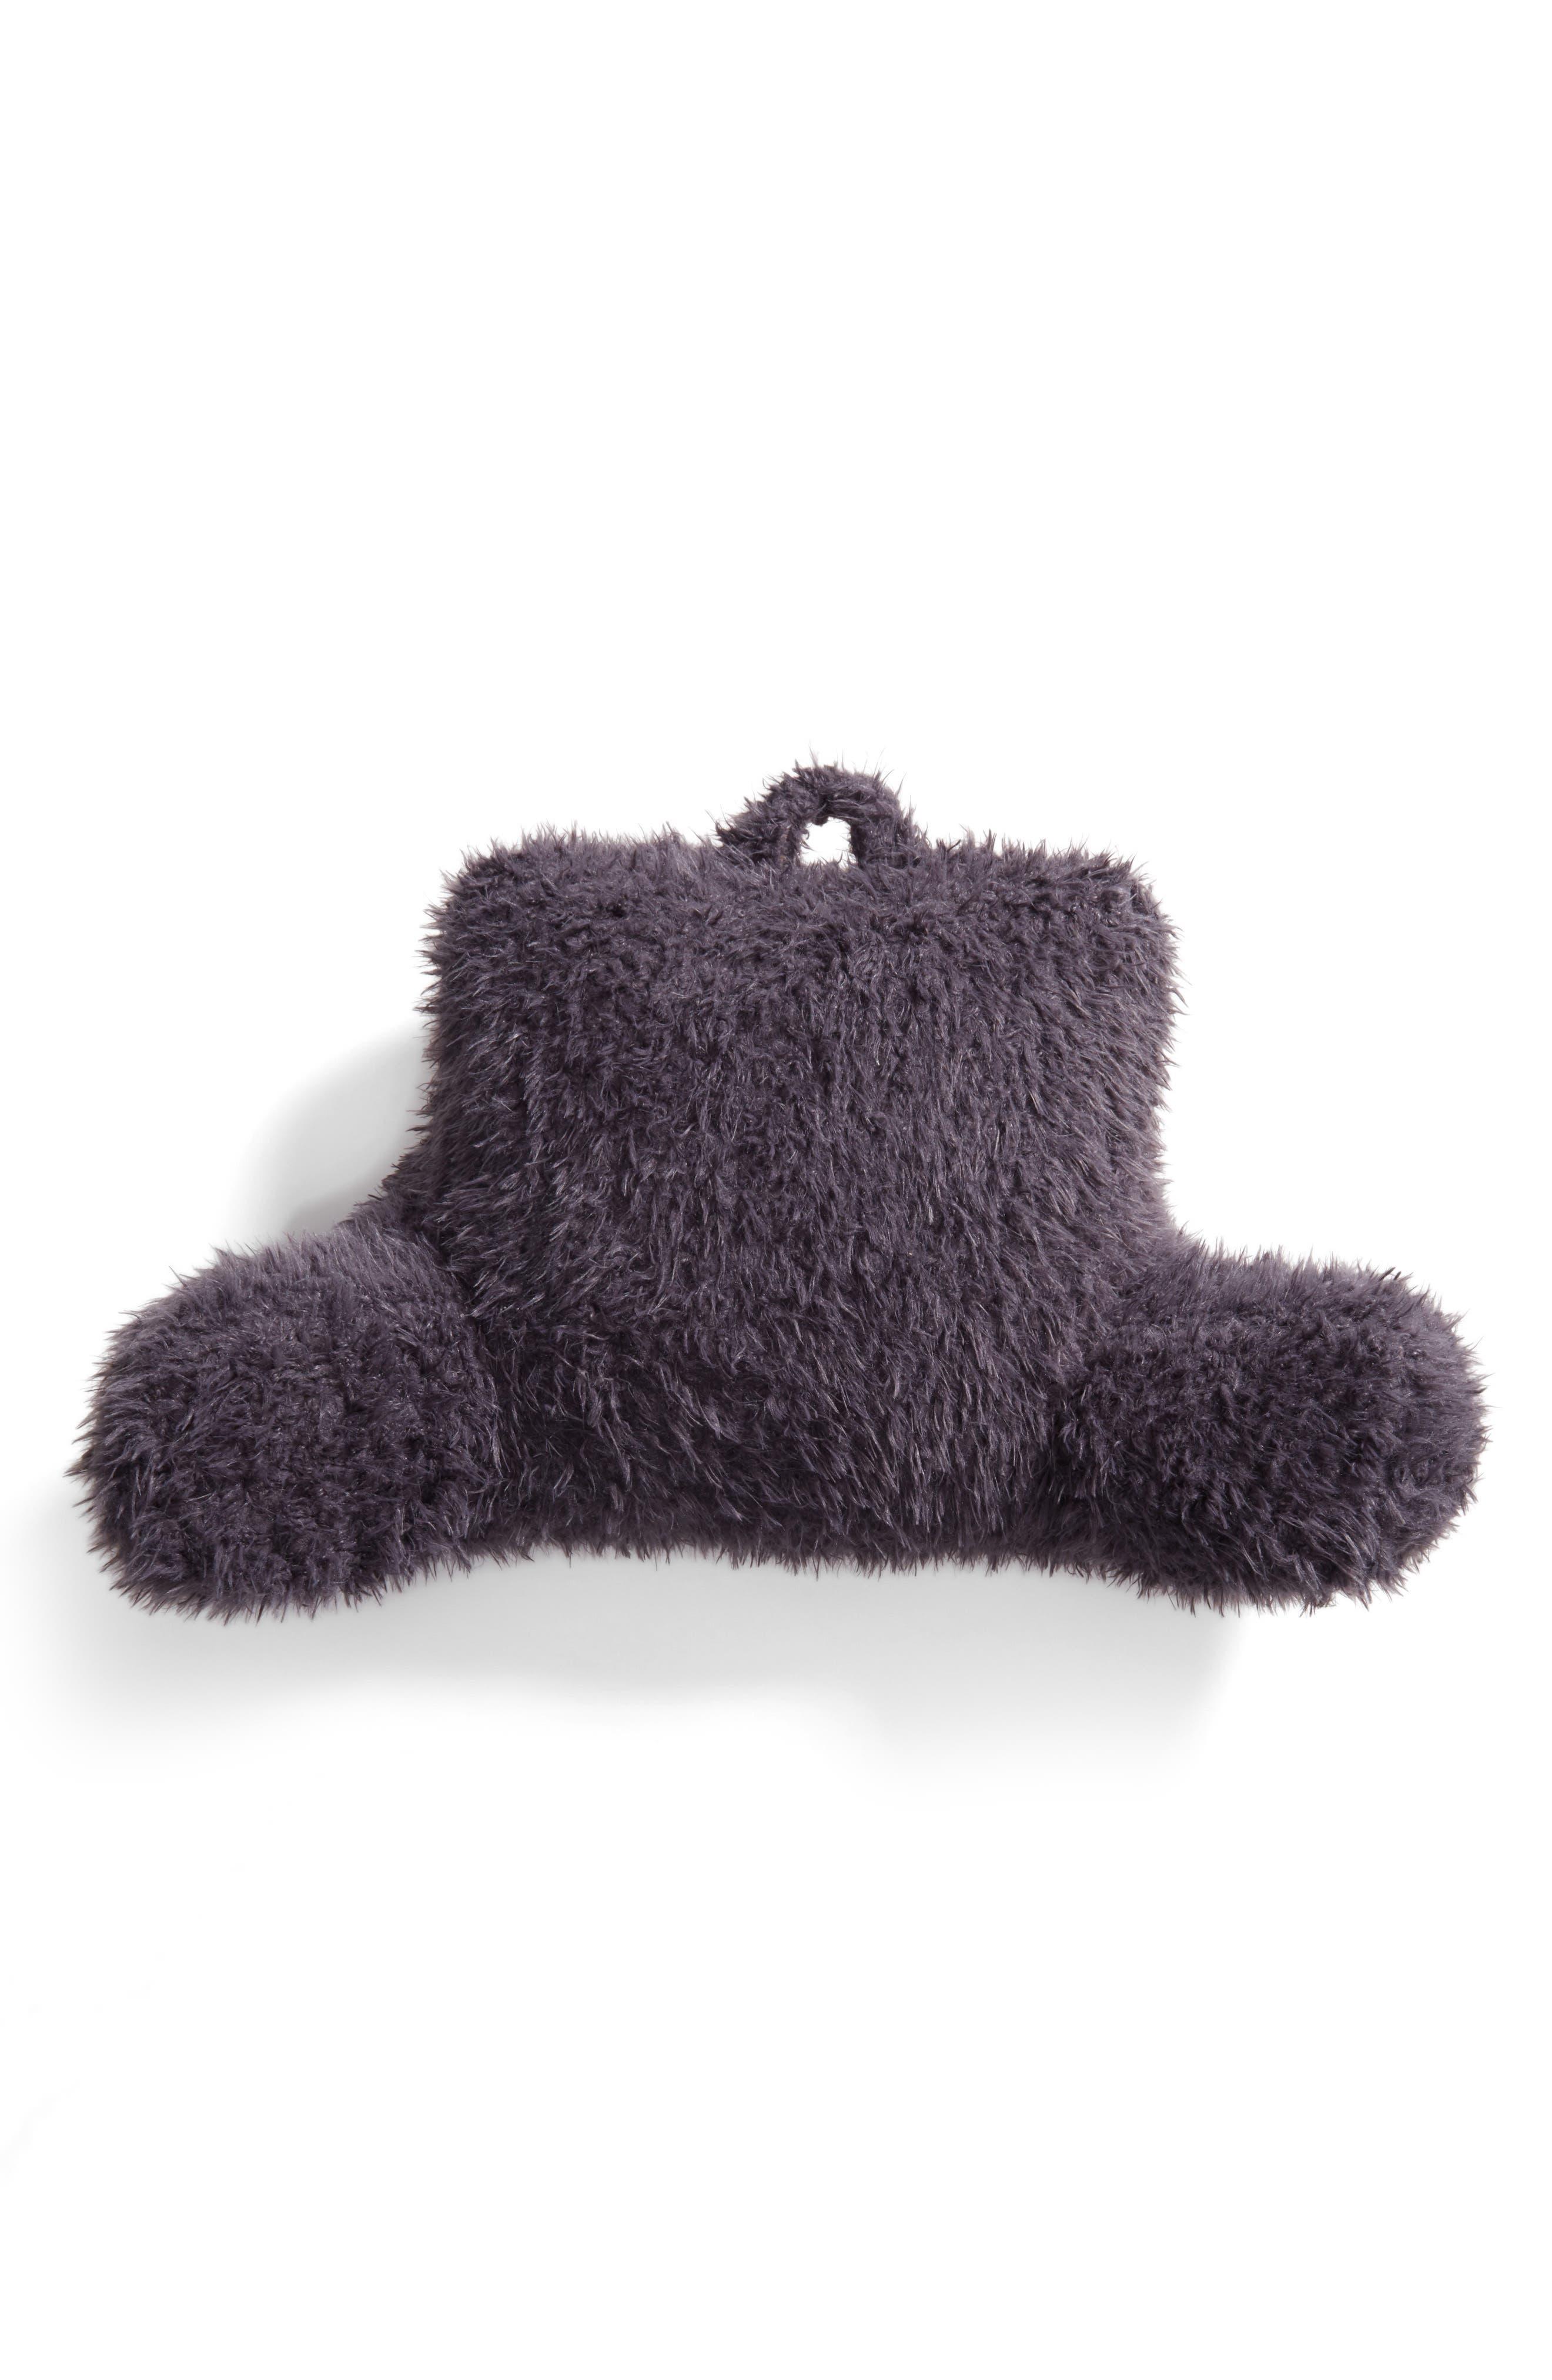 Shaggy Faux Fur Backrest Pillow,                             Main thumbnail 1, color,                             Grey Excalibur